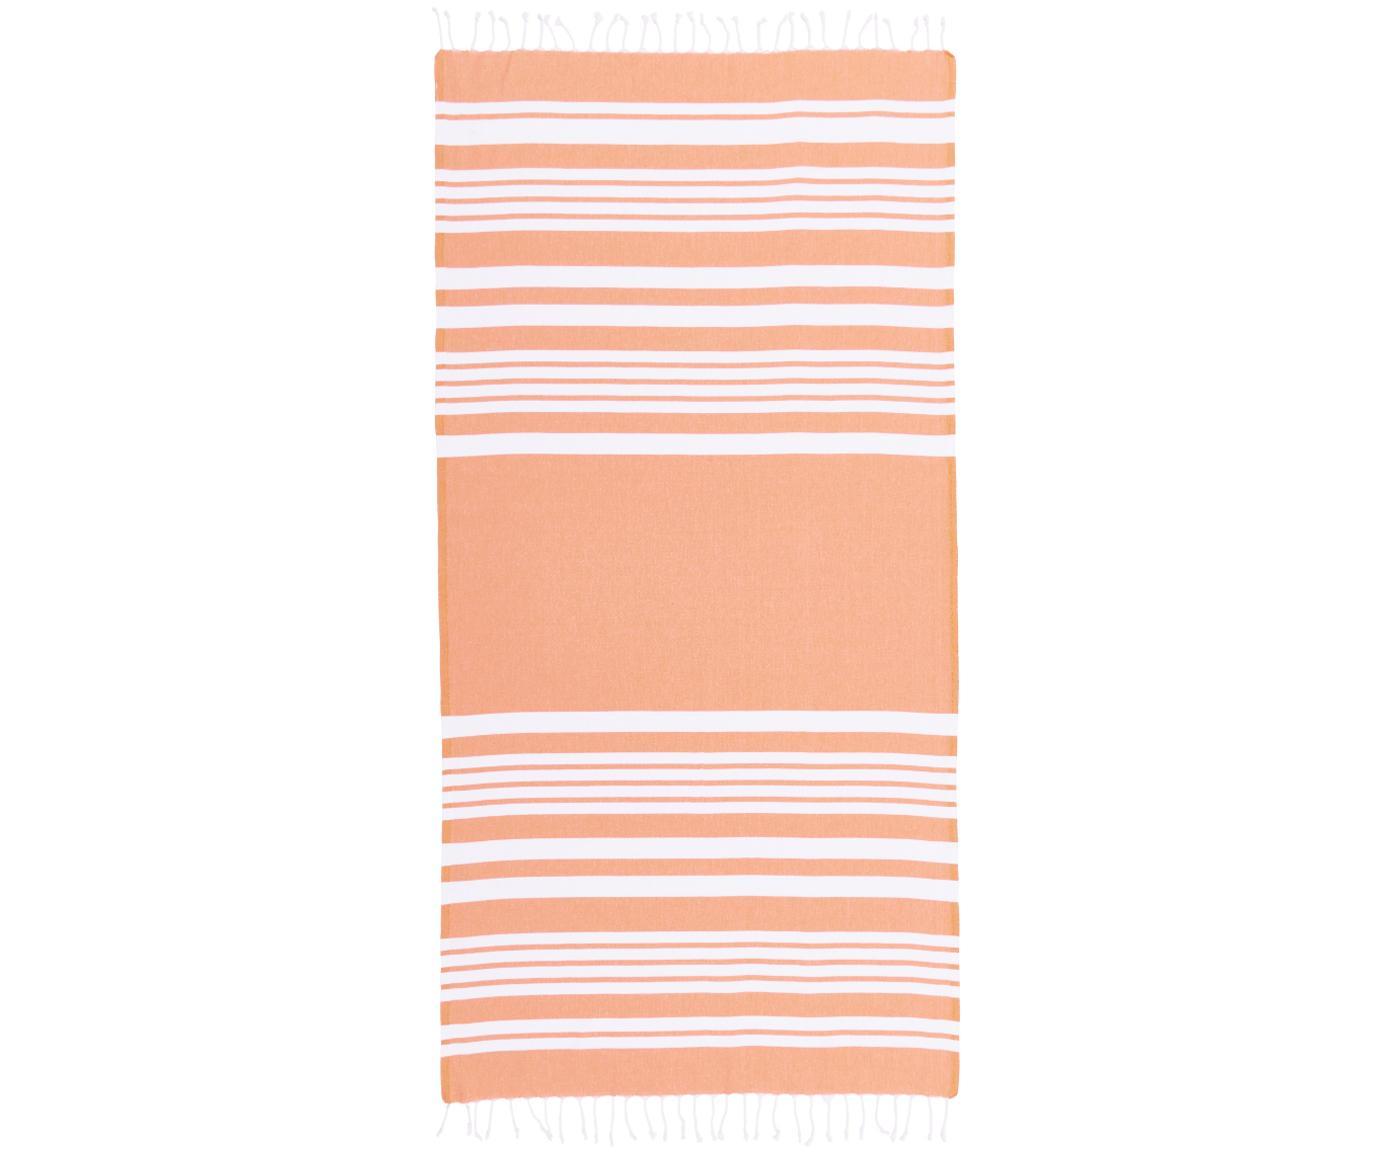 Gestreiftes Hamamtuch Stripy mit Fransenabschluss, 100% Baumwolle Sehr leichte Qualität, 185 g/m², Orange, Weiß, 95 x 175 cm